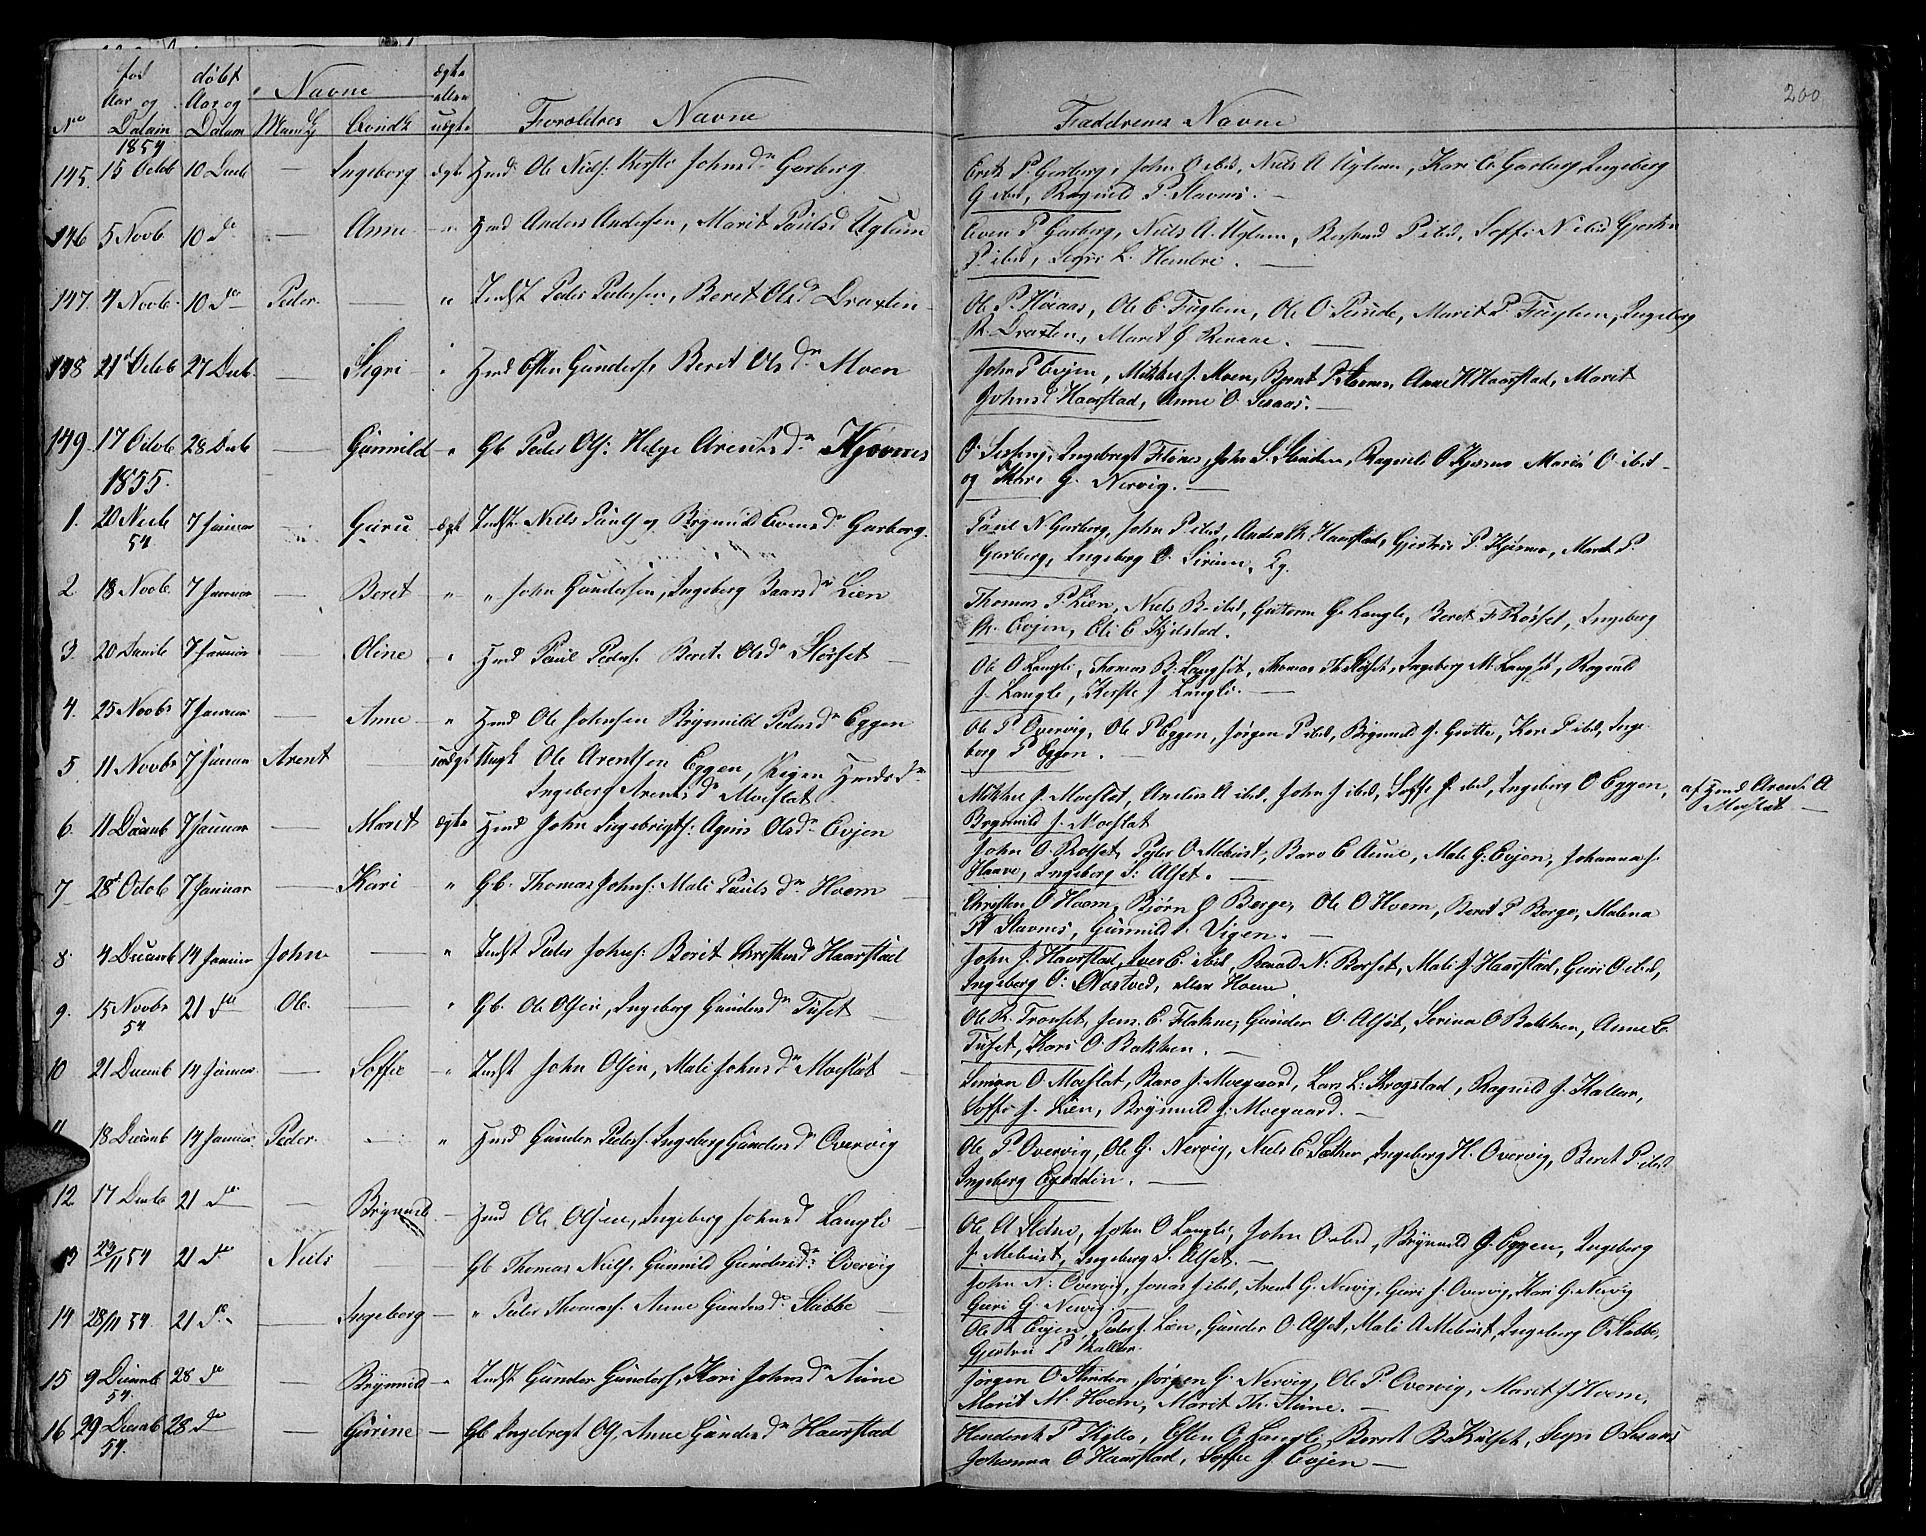 SAT, Ministerialprotokoller, klokkerbøker og fødselsregistre - Sør-Trøndelag, 695/L1154: Klokkerbok nr. 695C05, 1842-1858, s. 200